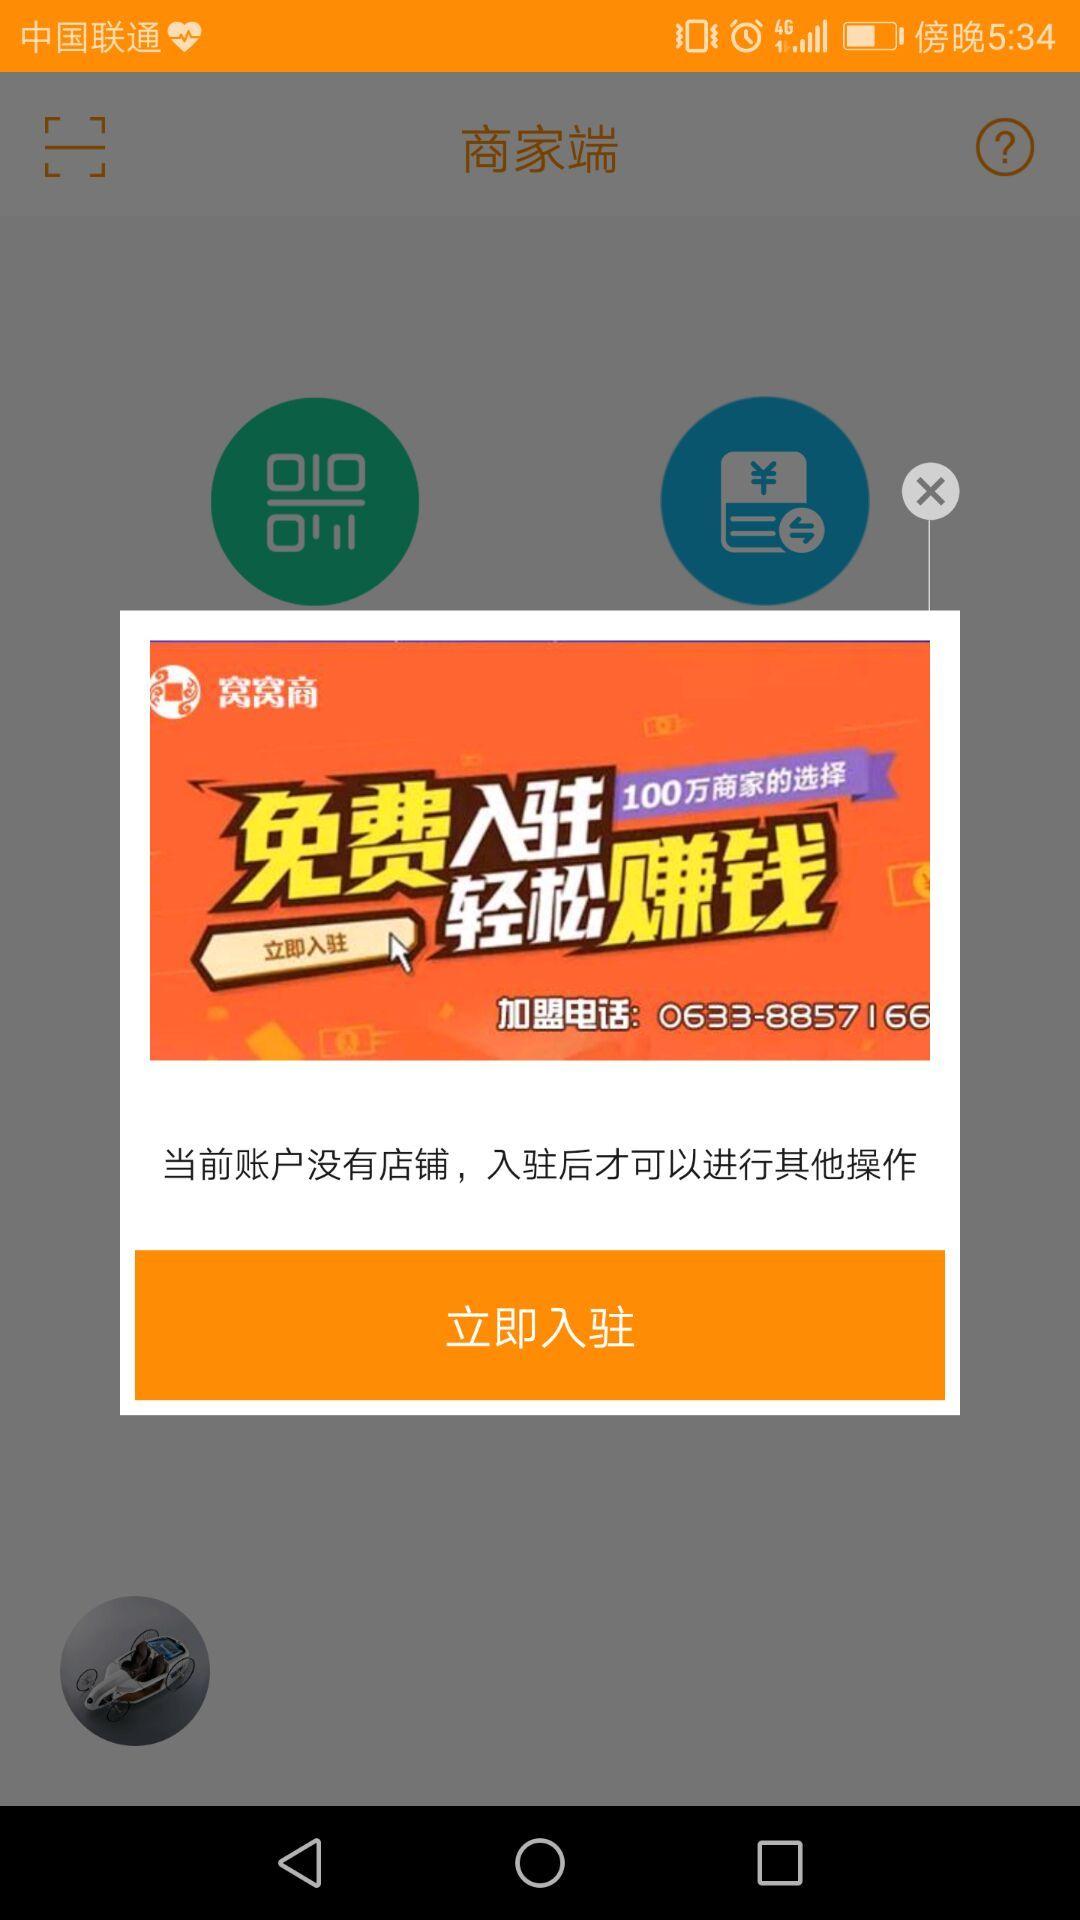 窝窝商软件官方版app下载图1: